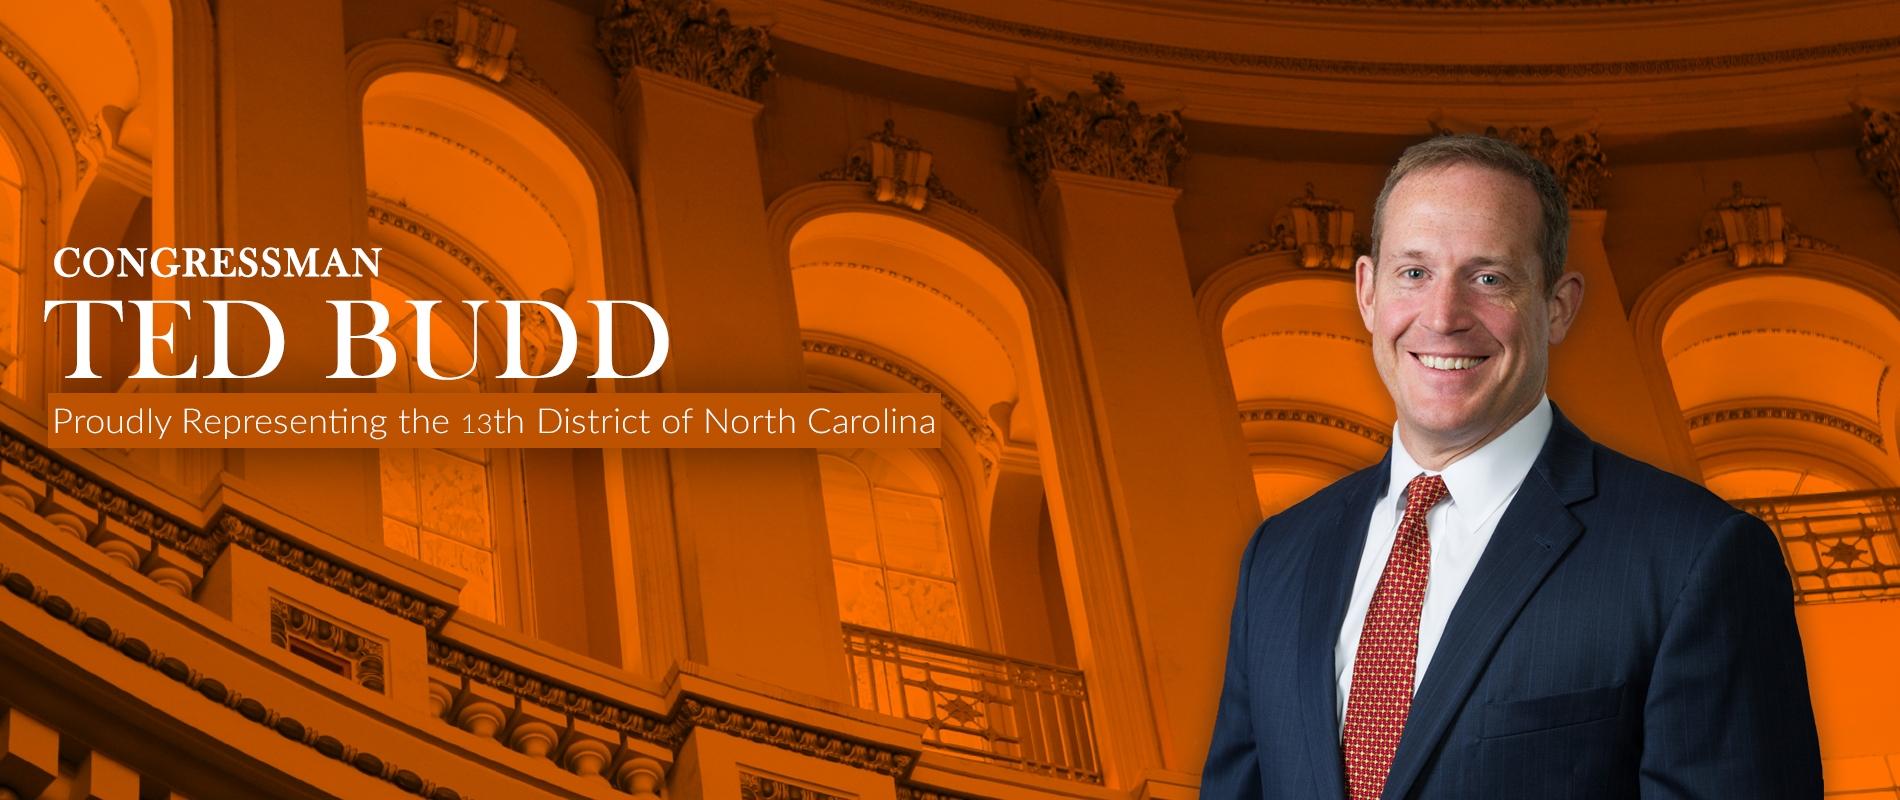 Ted Budd's photo